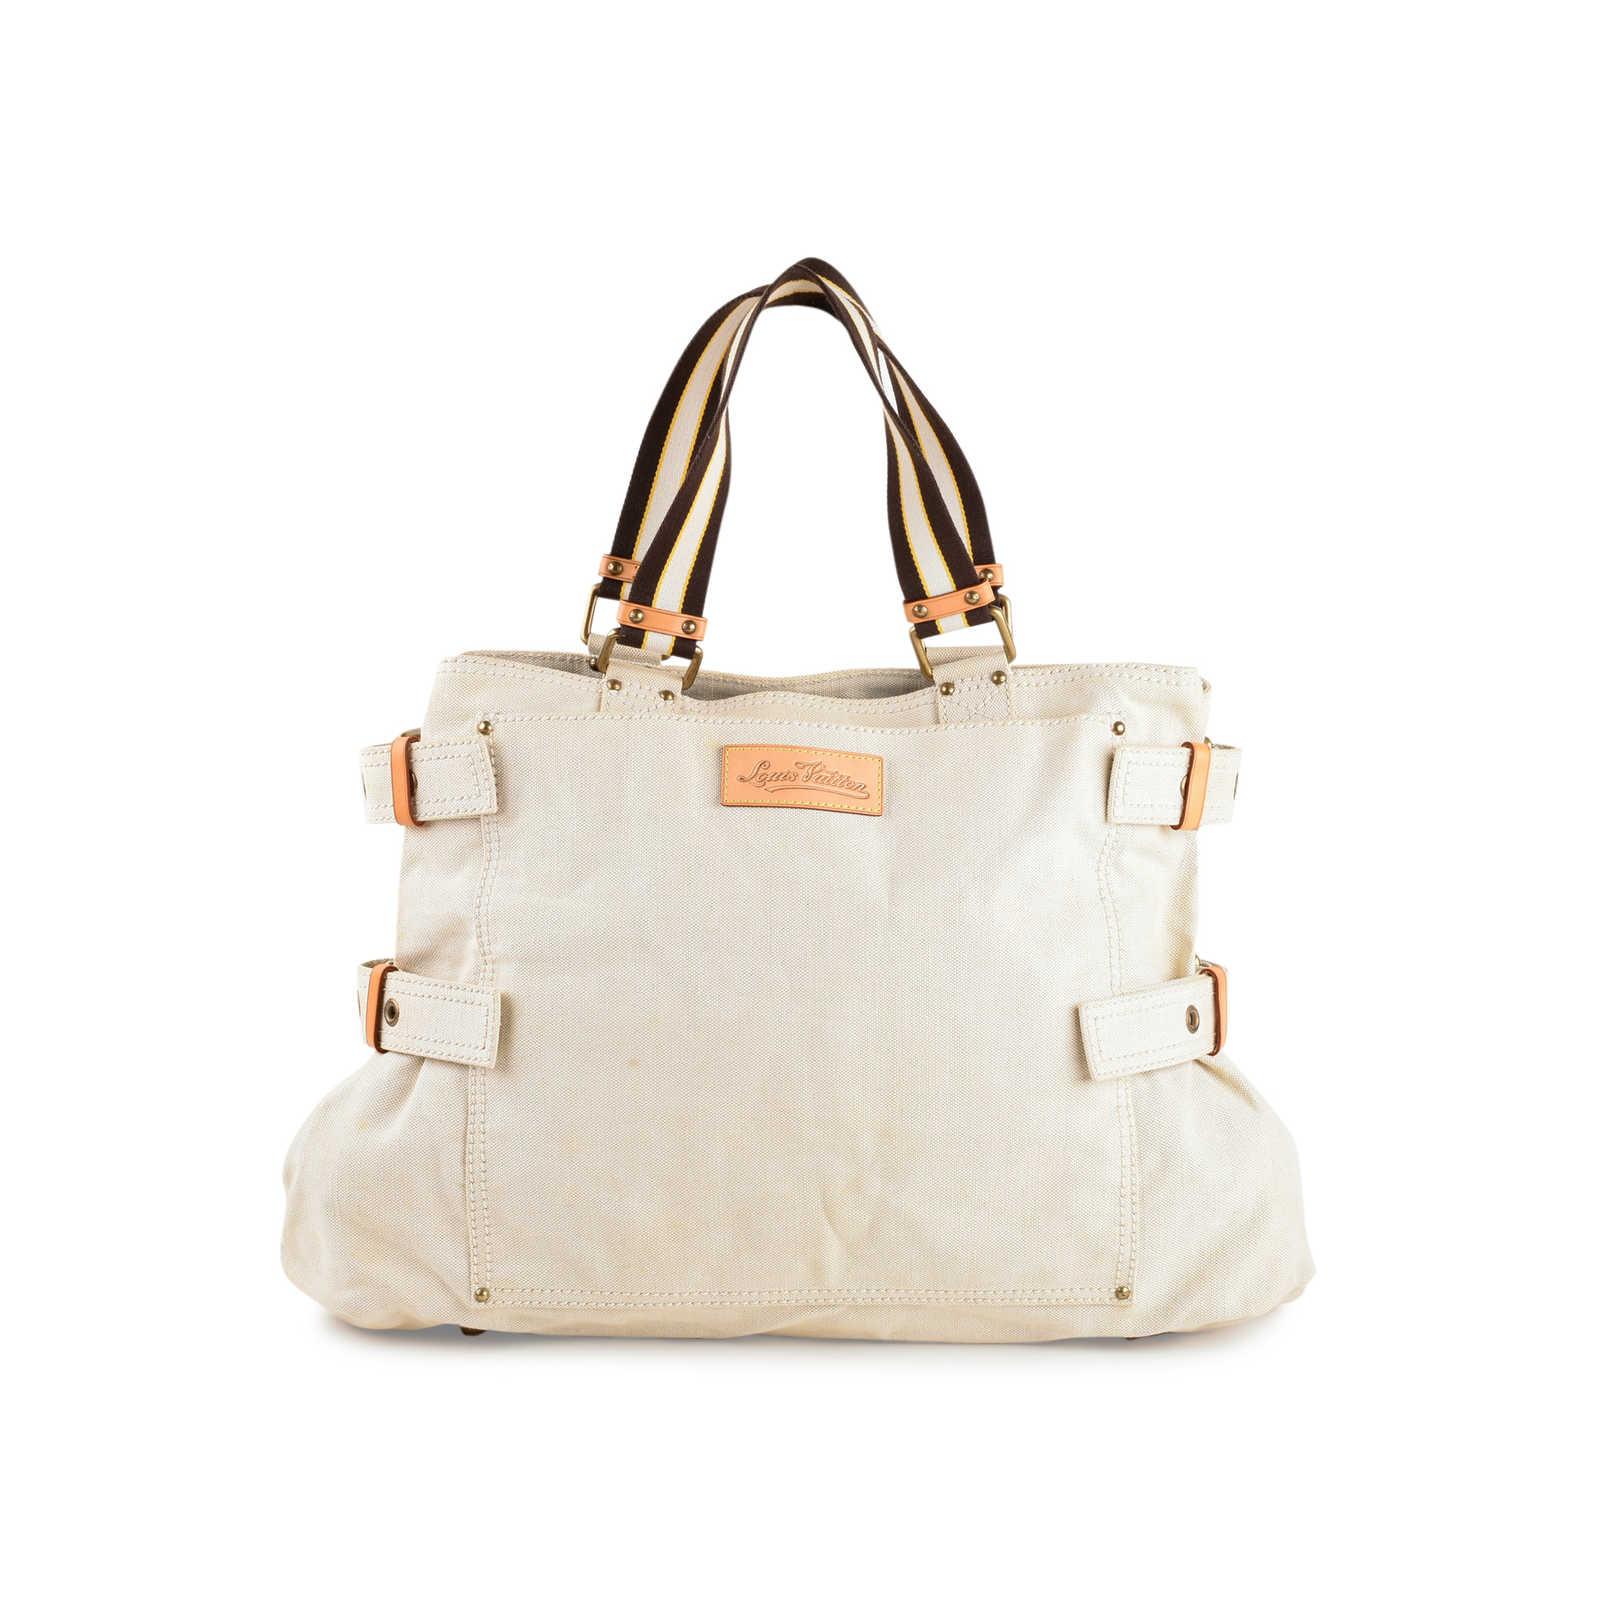 956cea25a123 ... Authentic Second Hand Louis Vuitton Globe Shopper Cabas GM Bag  (PSS-440-00004 ...